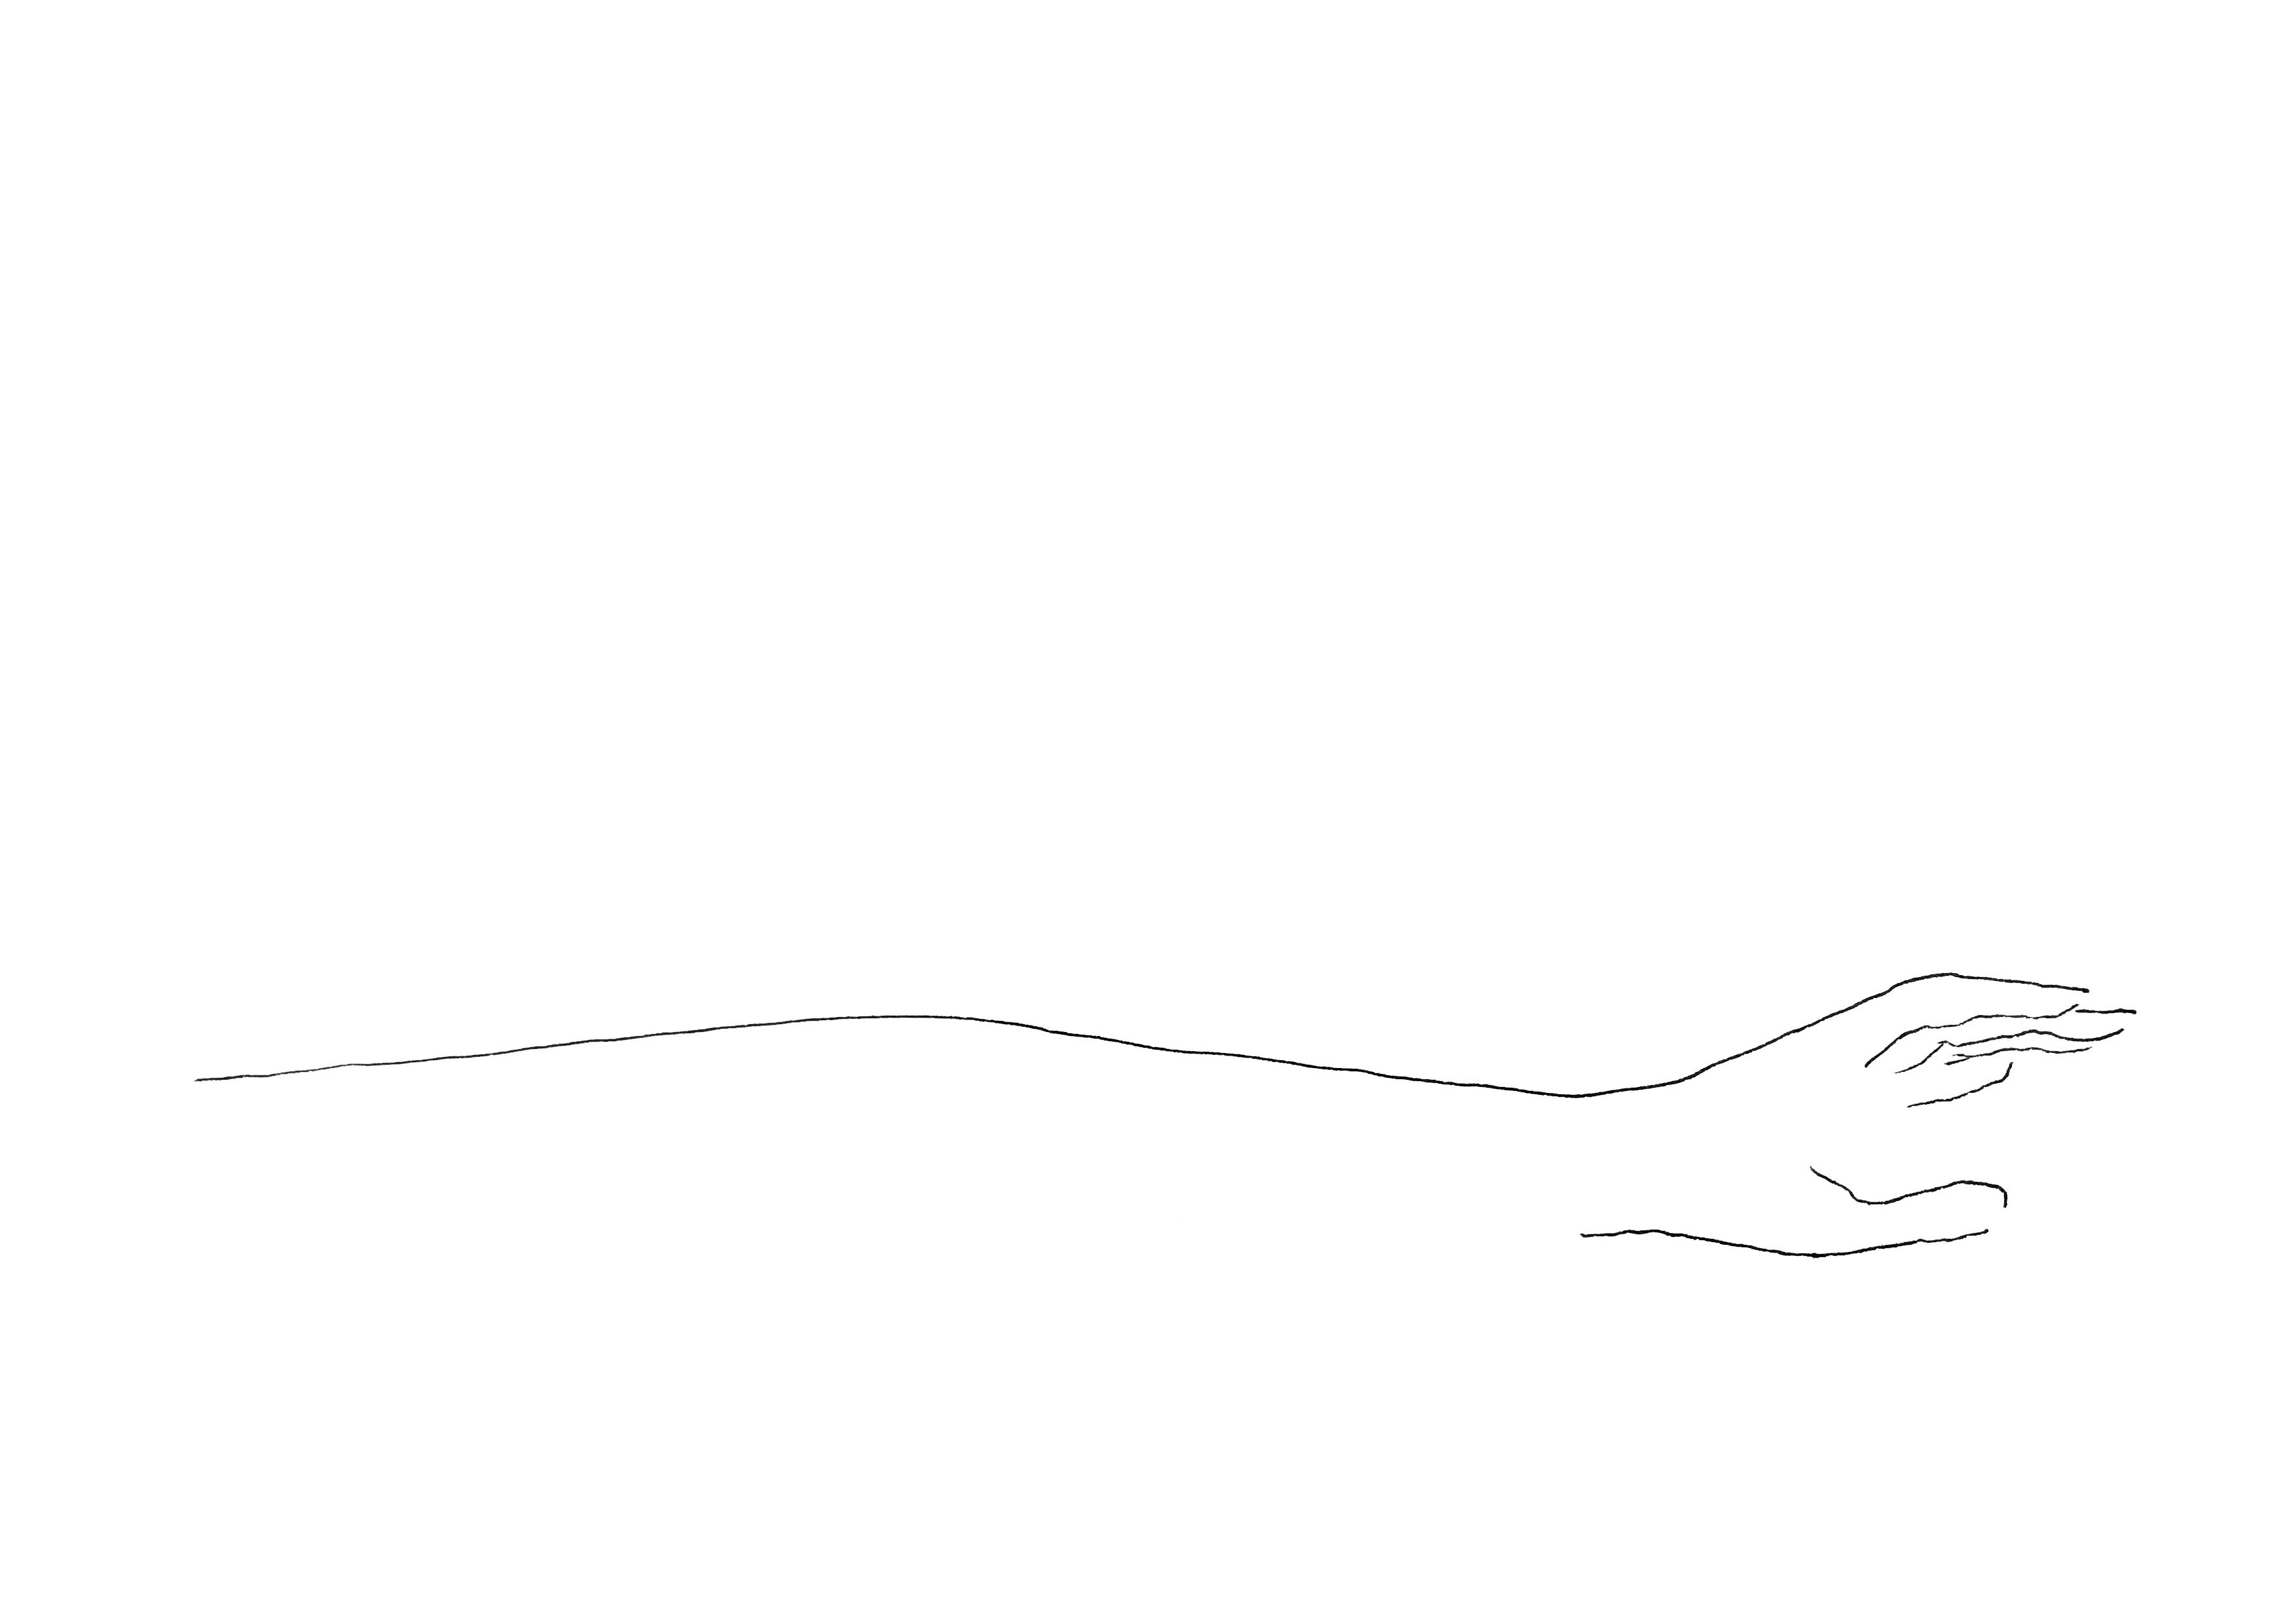 bajet_hand-as-landscape_f_300